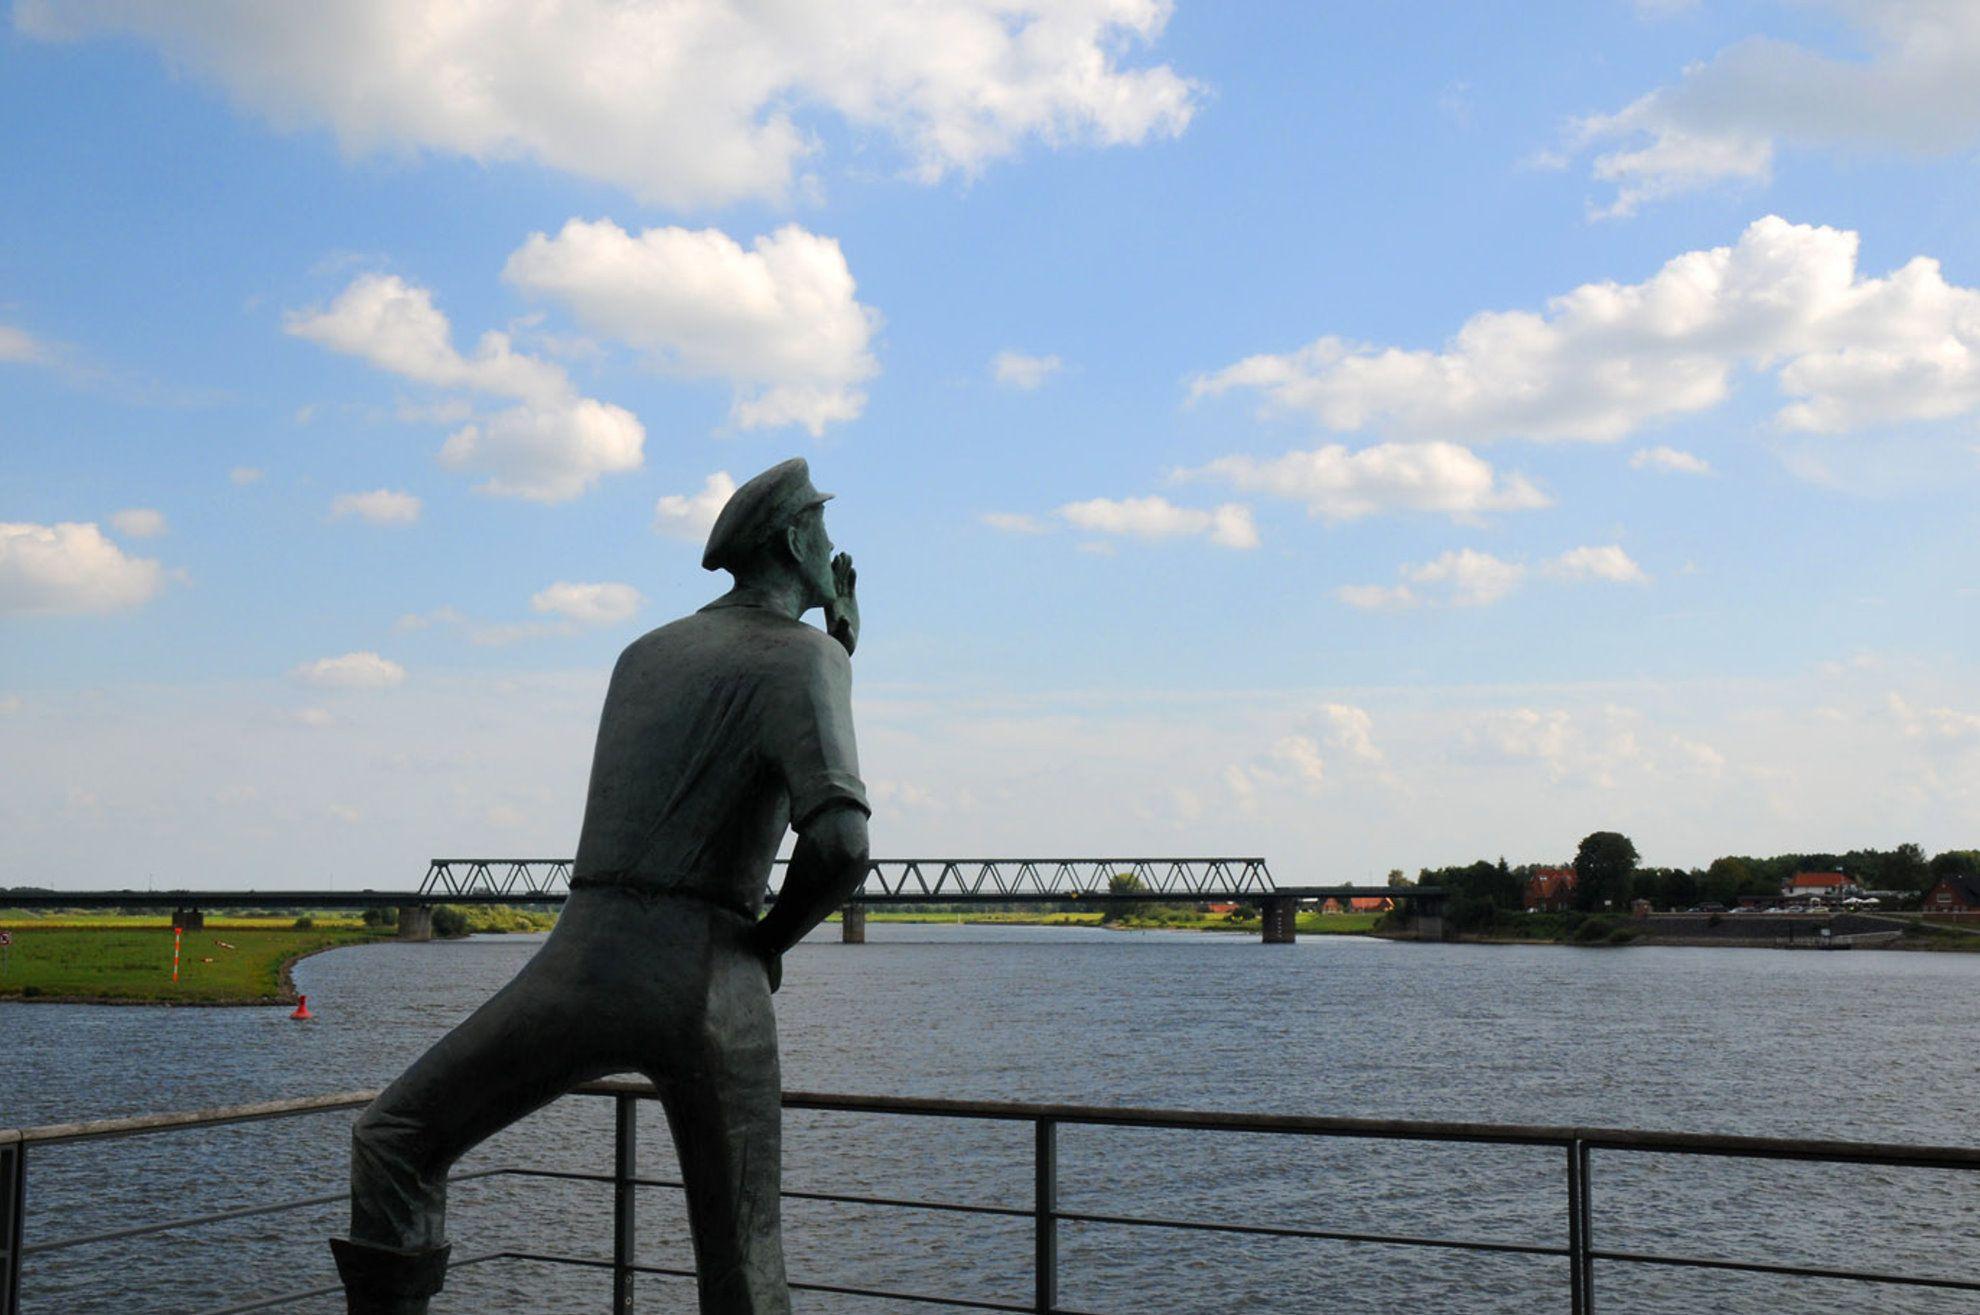 Der Rufer in Lauenburg/Elbe verkündet das Theaterstück JEDERMANN